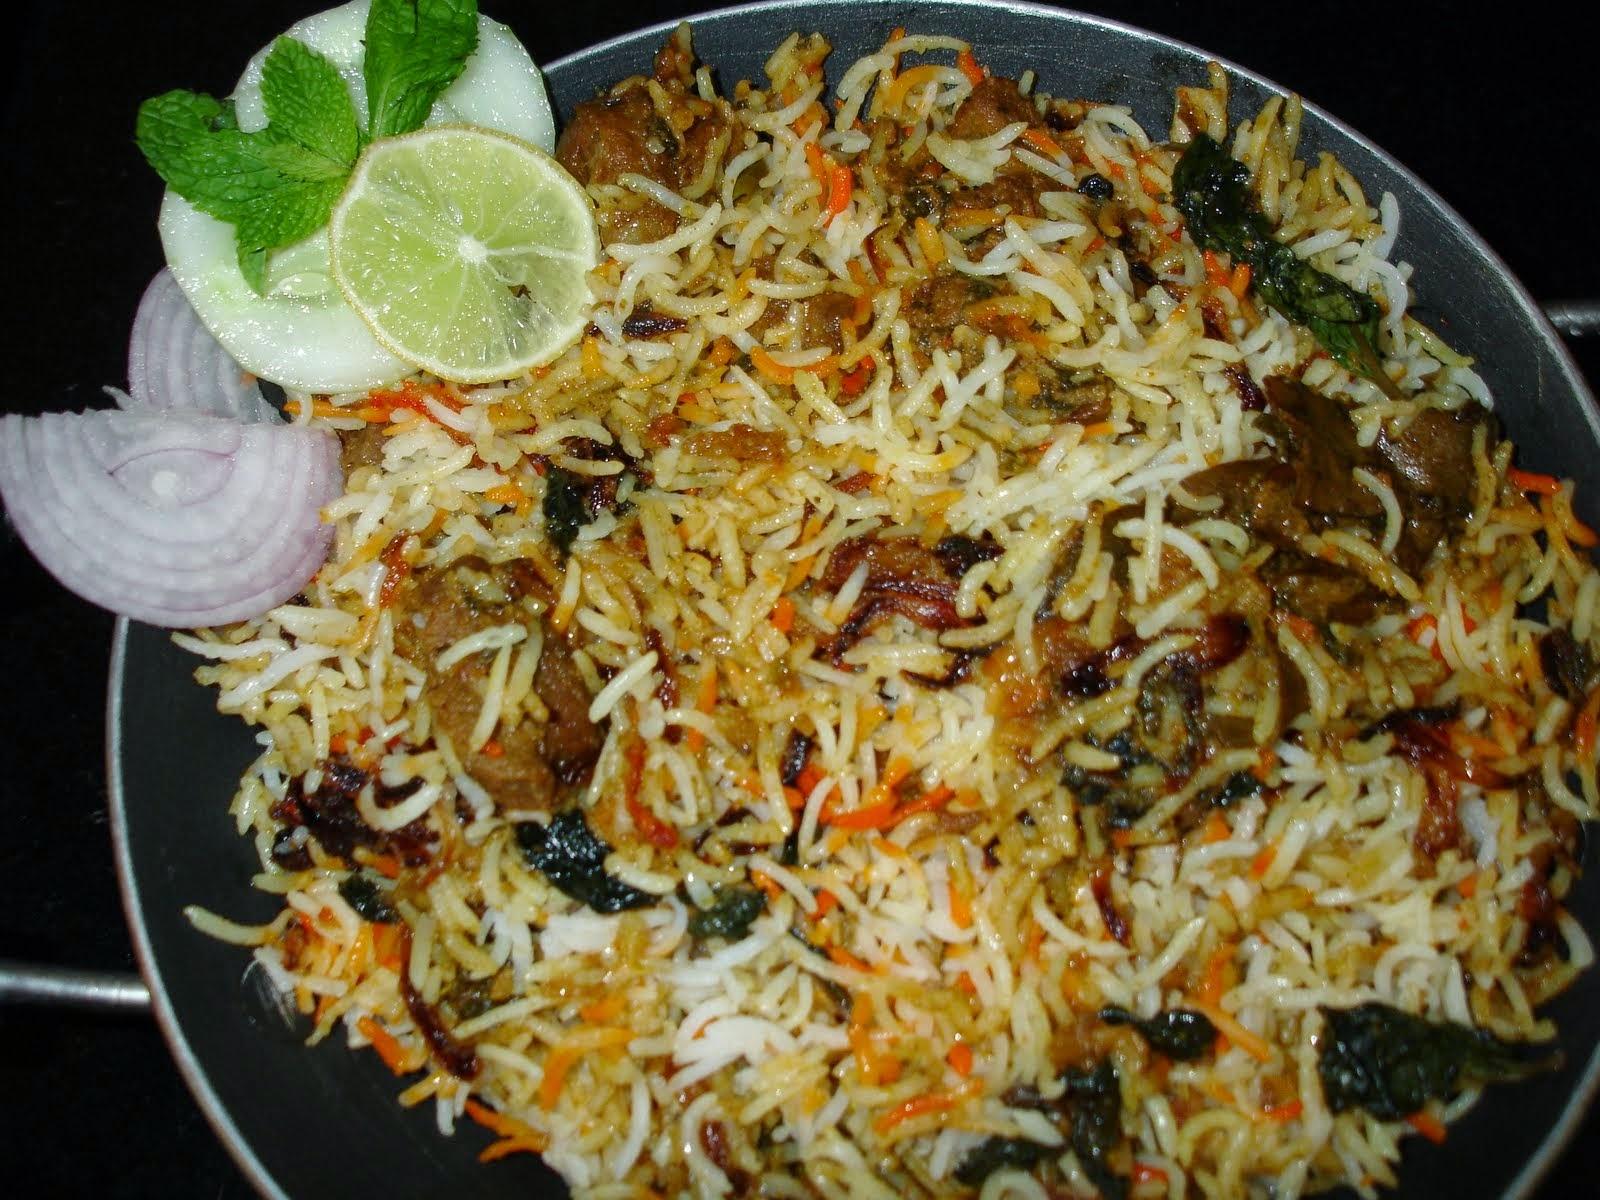 Imperial Inn - Hyderabadi Mutton Dum Biryani (non-veg)